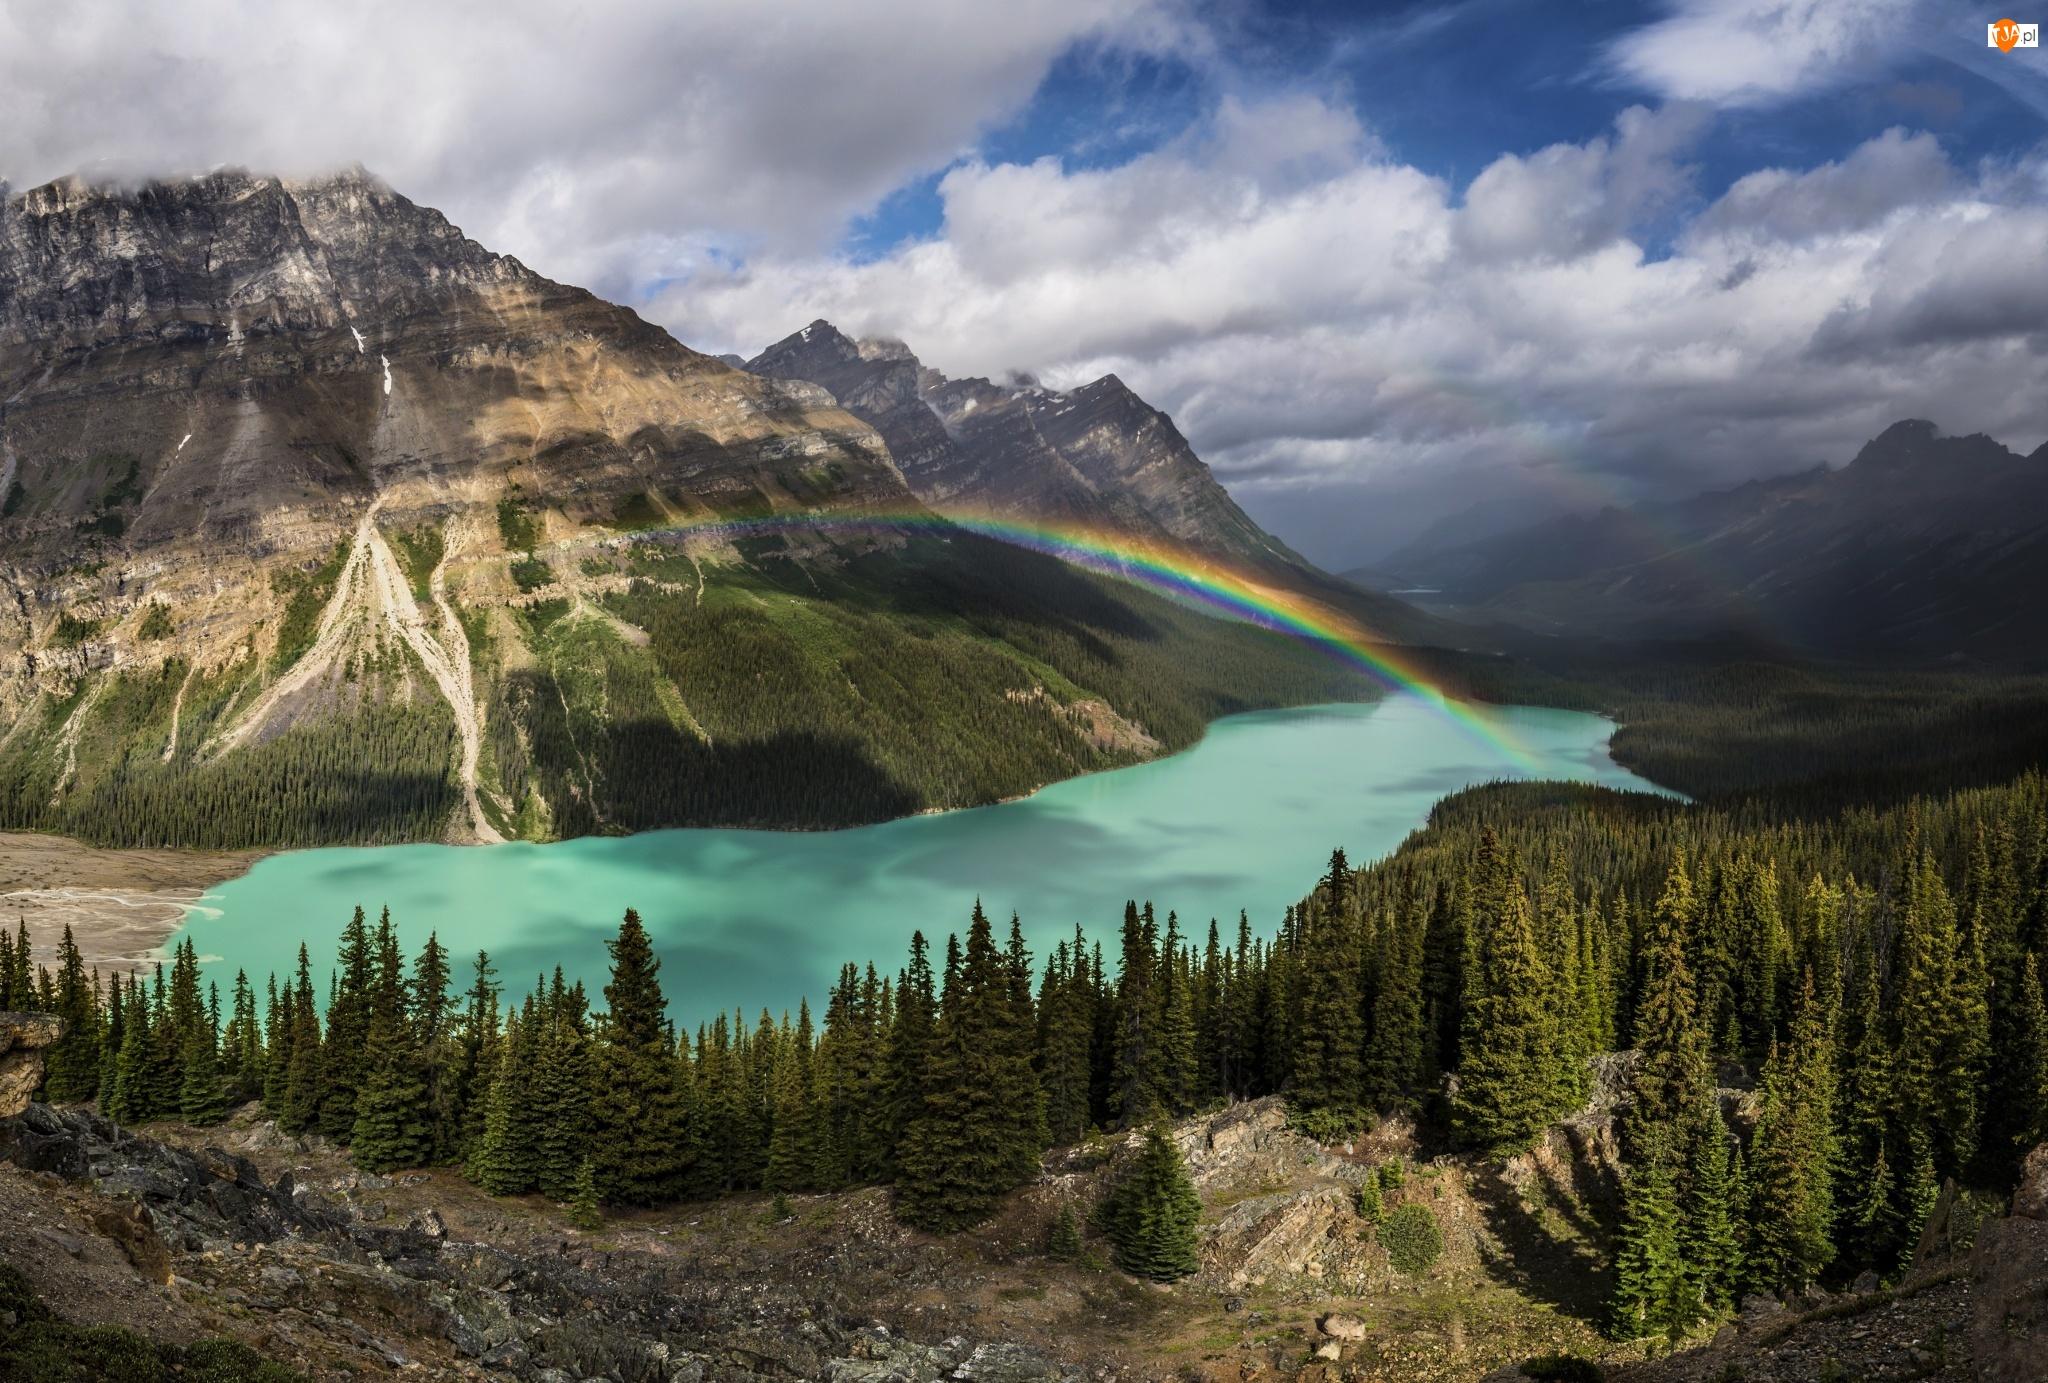 Jezioro Peyto Lake, Góry, Prowincja Alberta, Tęcza, Park Narodowy Banff, Kanada